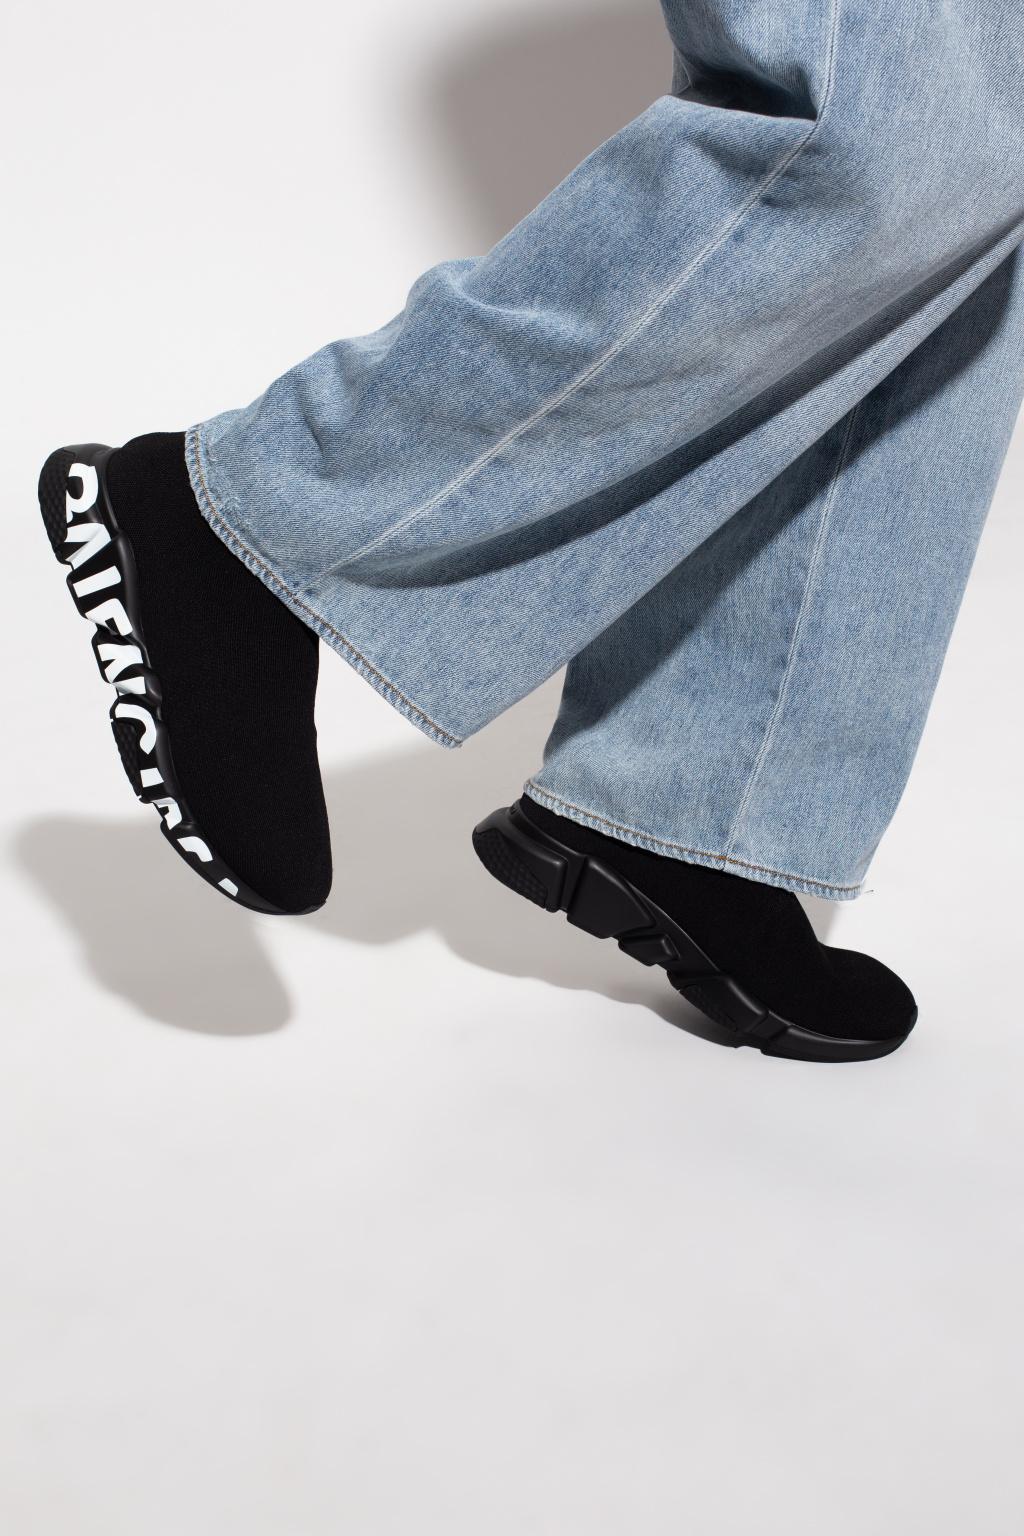 Balenciaga 'Speed LT Graffiti' sock sneakers